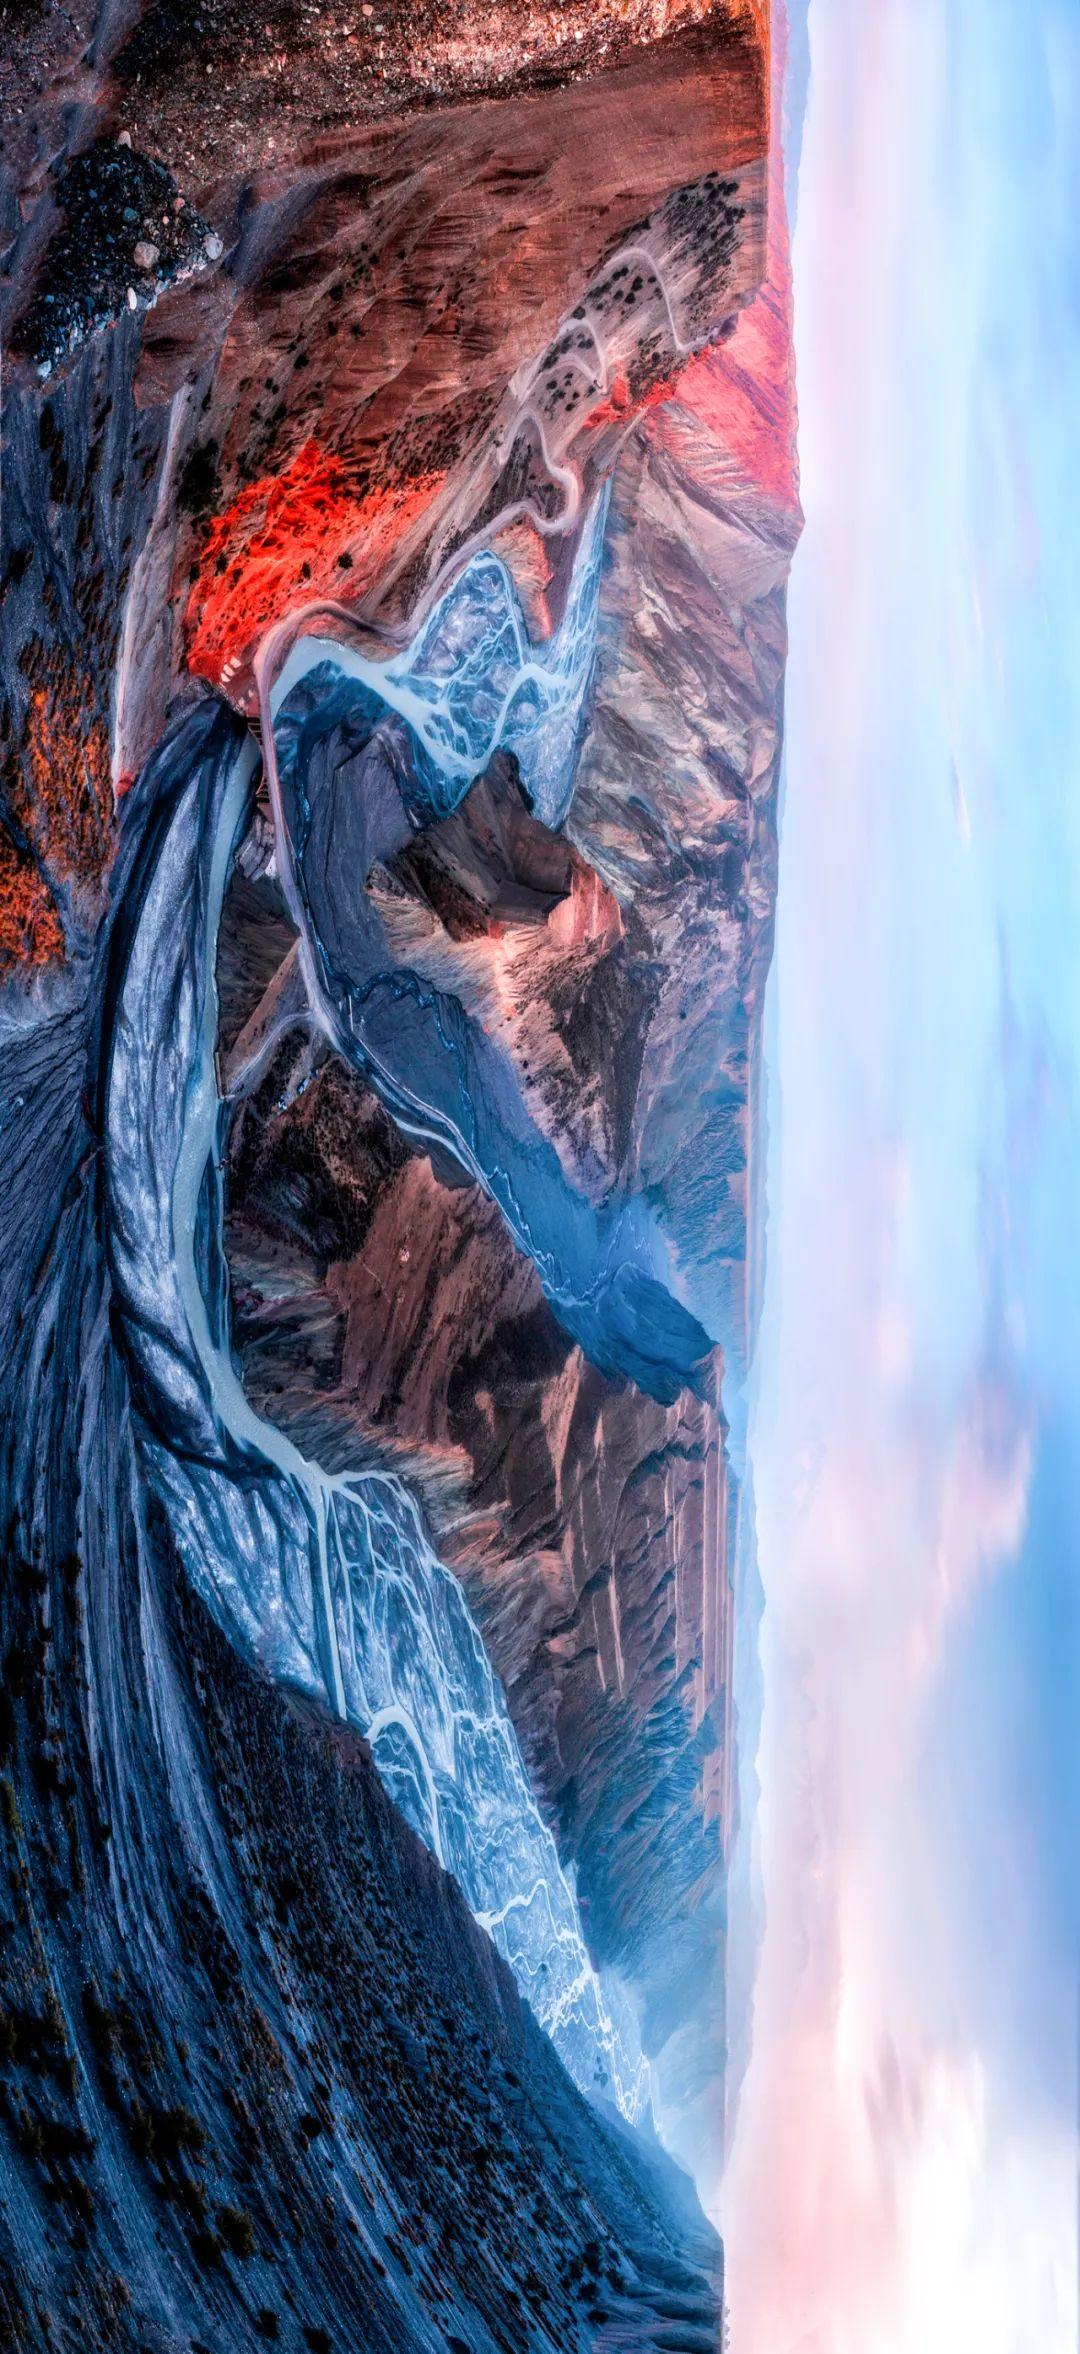 ▲ 安集海大峡谷。位于伊犁哈萨克自治州塔城地区沙湾县安集海镇以西的天山北麓地质断裂带。摄影/王伟